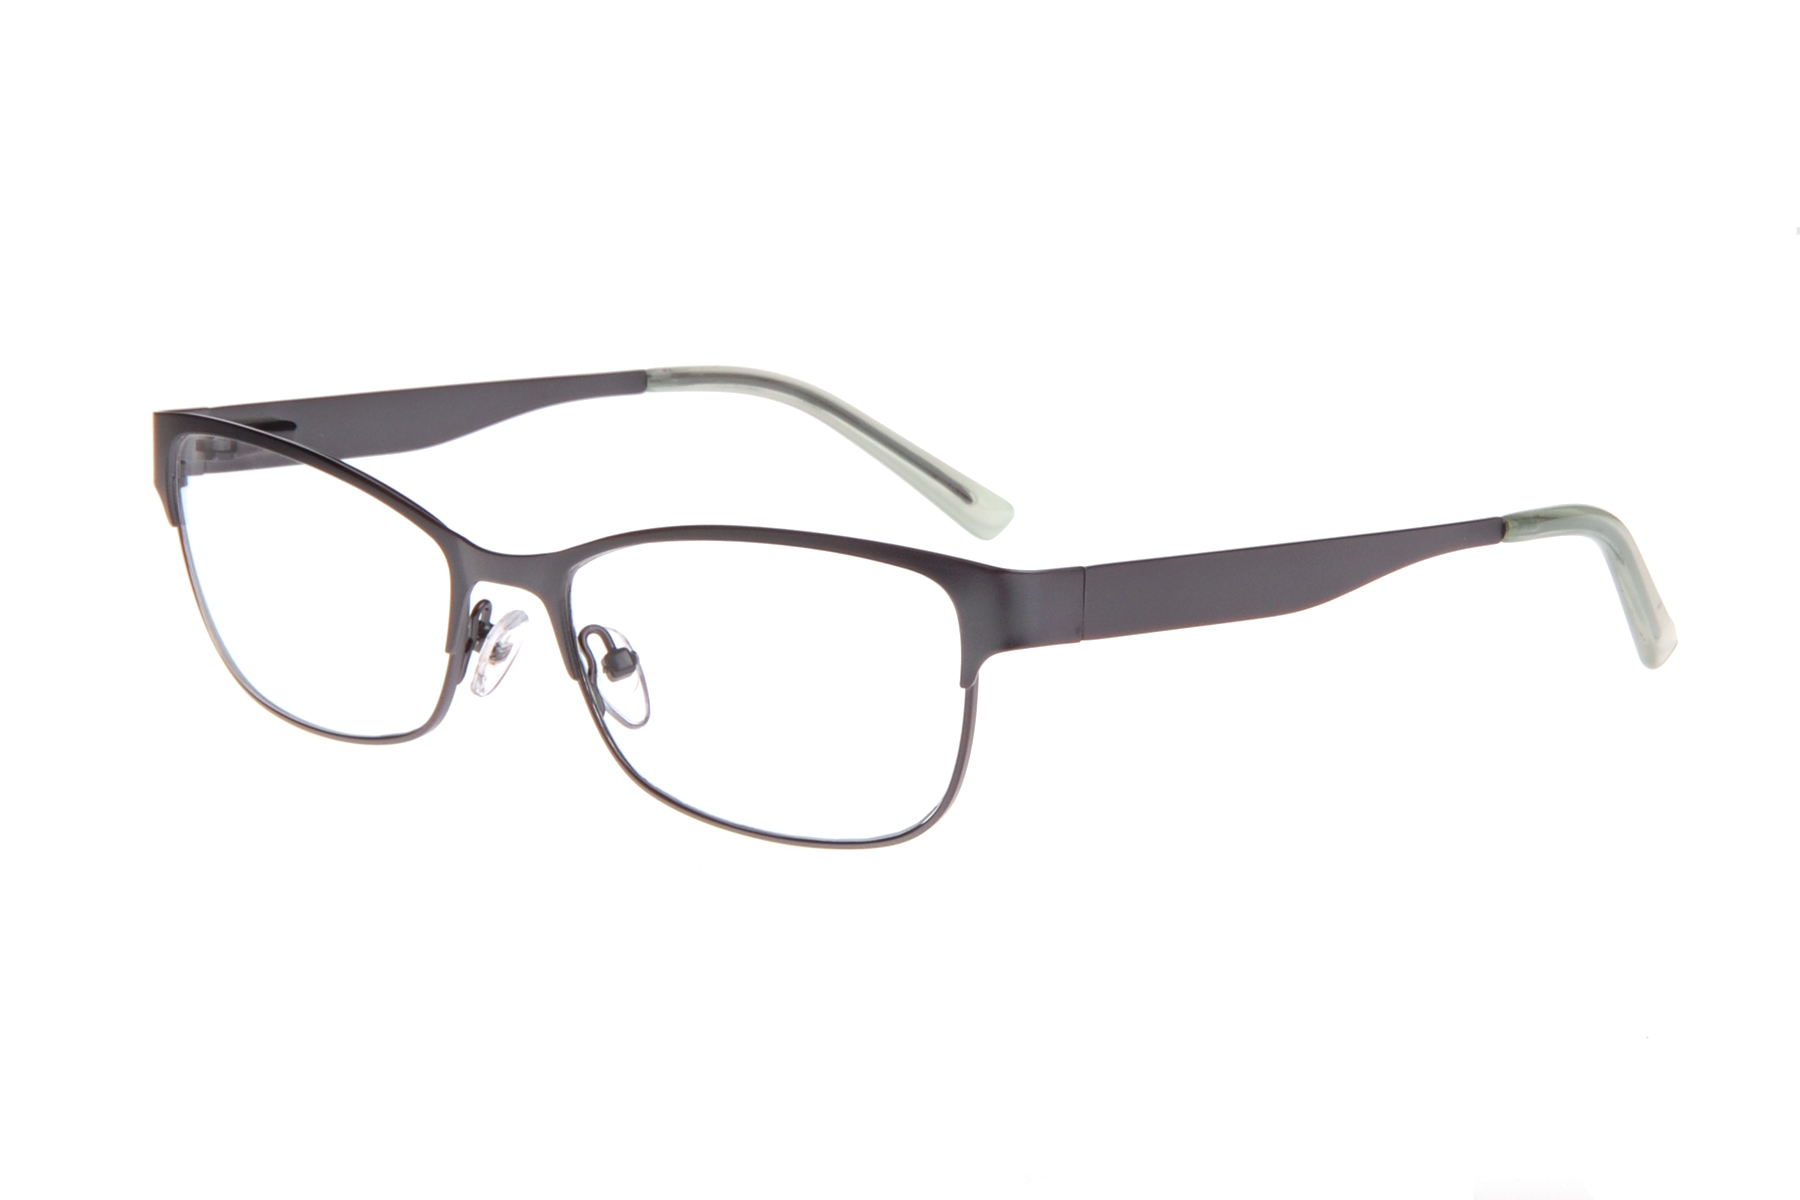 b467f1ab7d TRENDING LOVE TEAL - Visual Eyes Eyewear